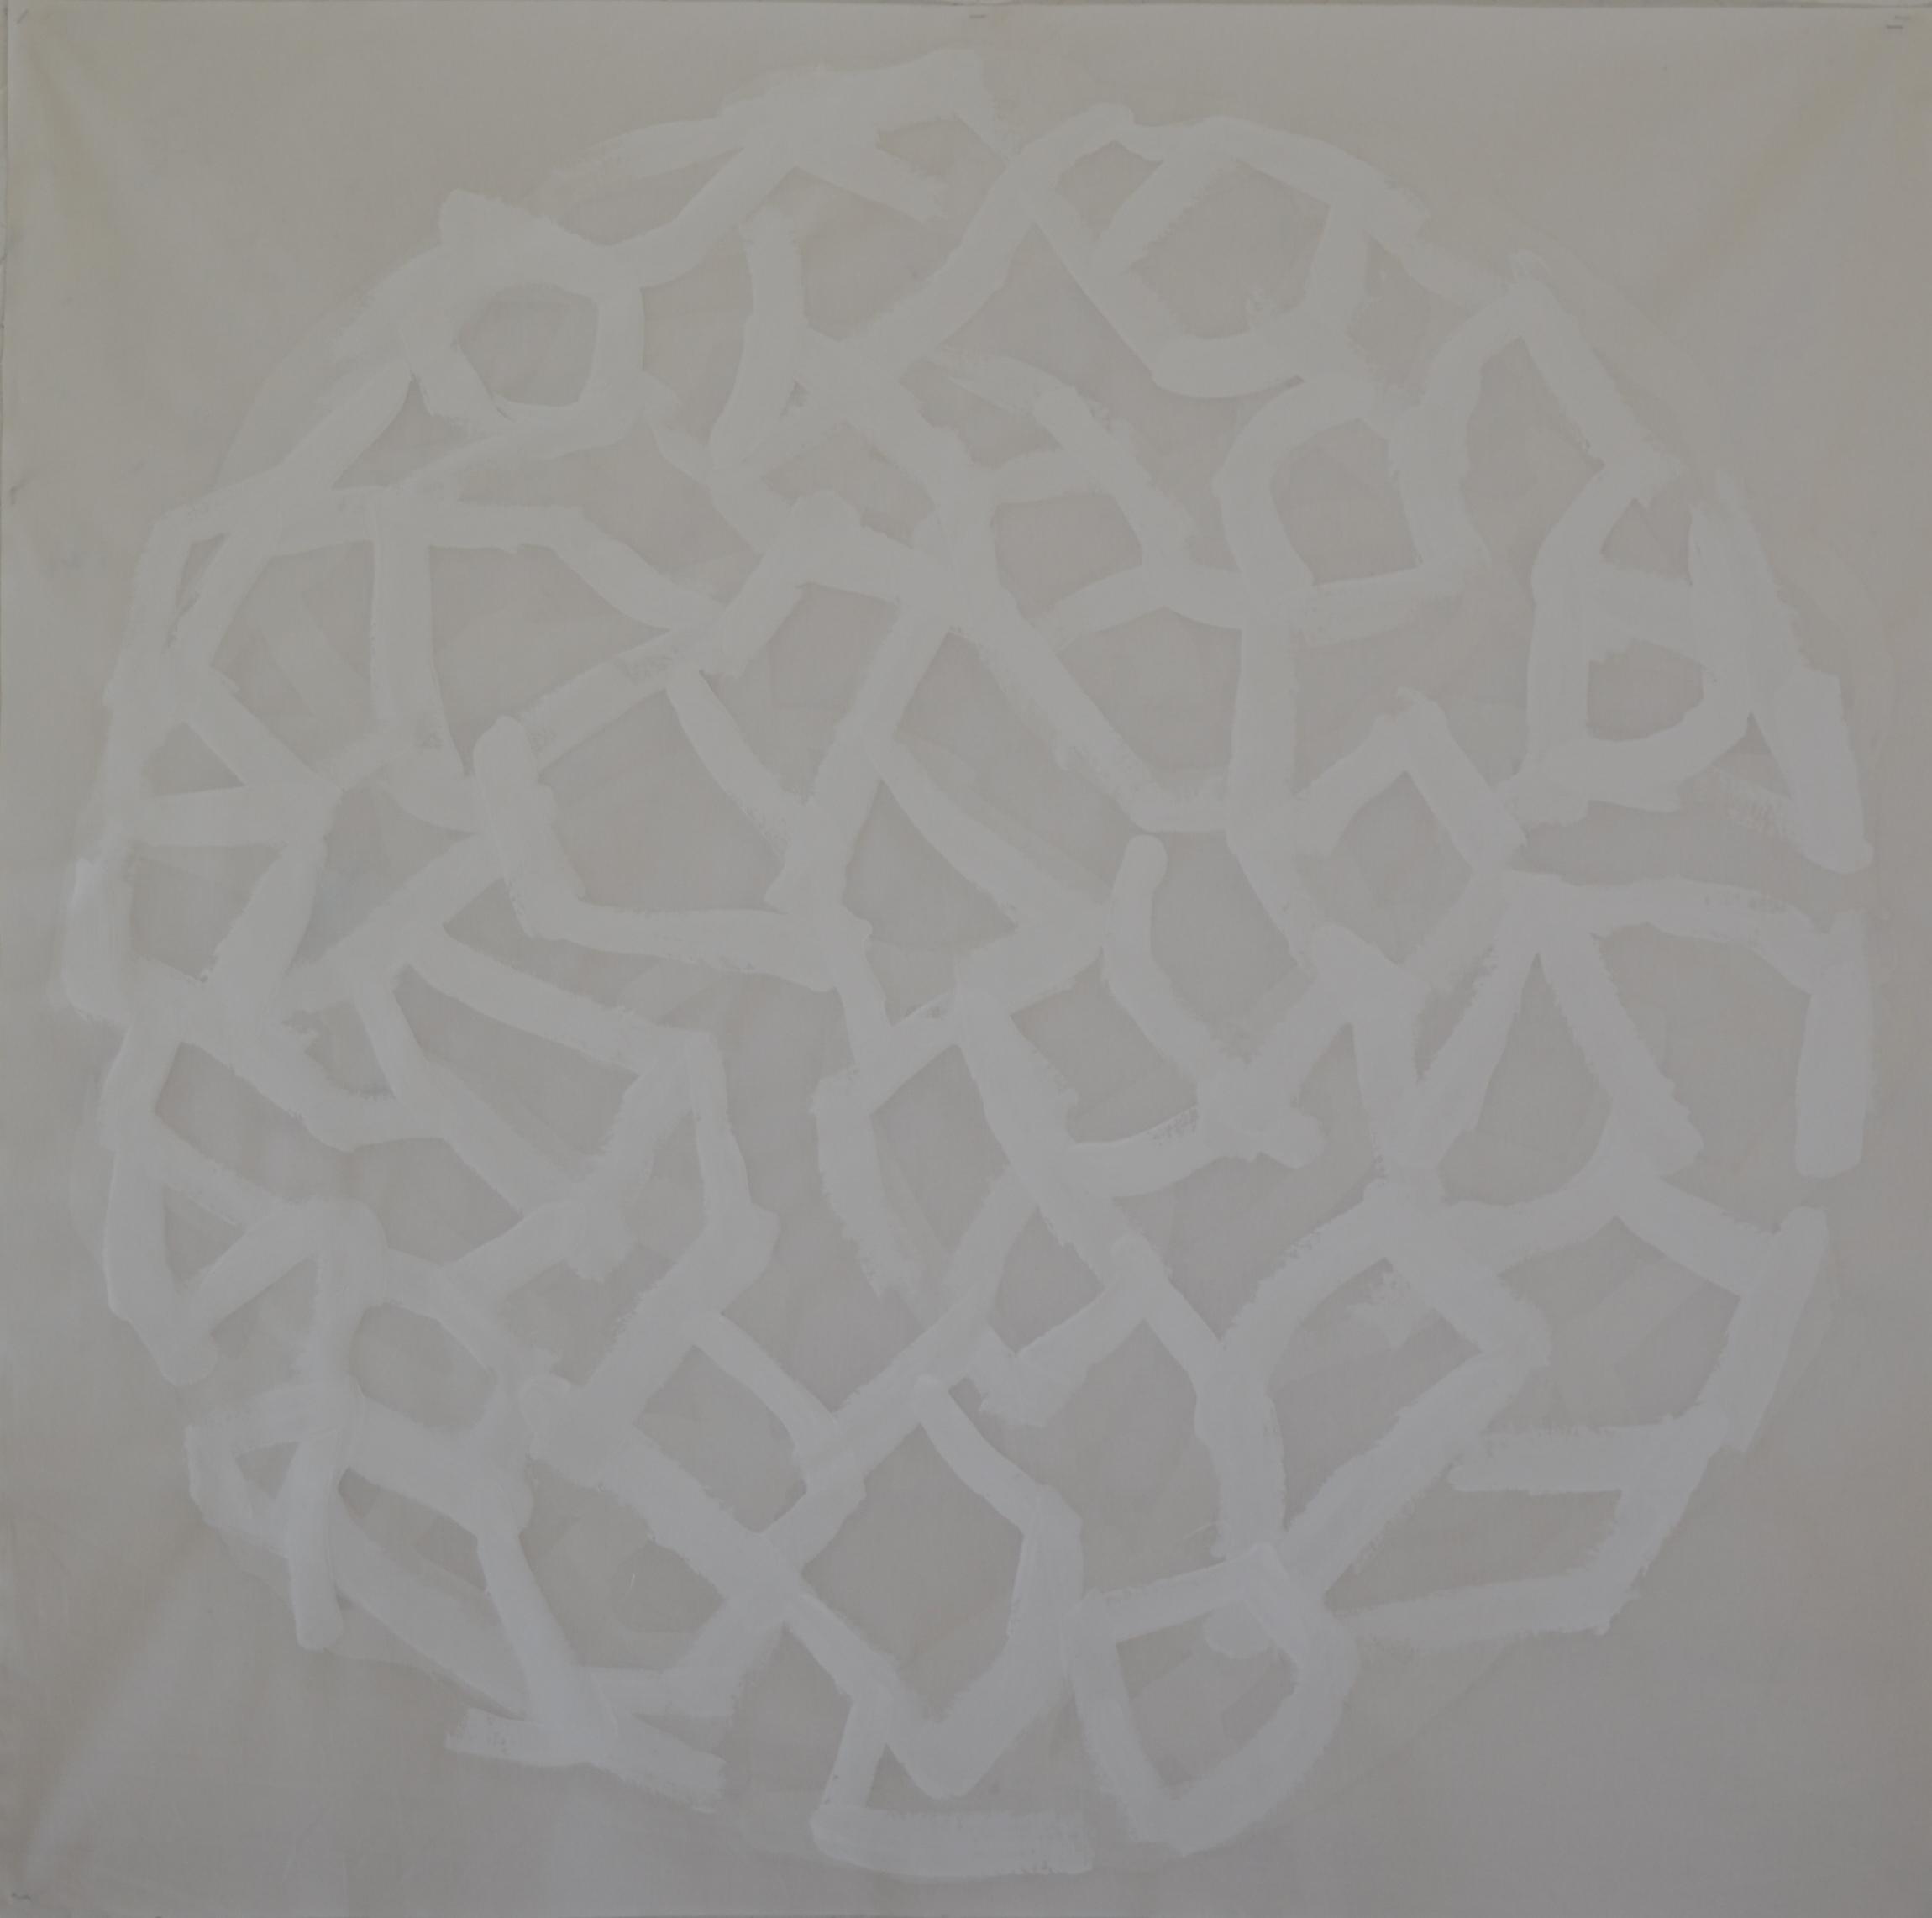 """Mappemonde Peinture, """"Hommage à K. Malevitch"""", acrylique sur tissu libre, 130 x 130 cm"""